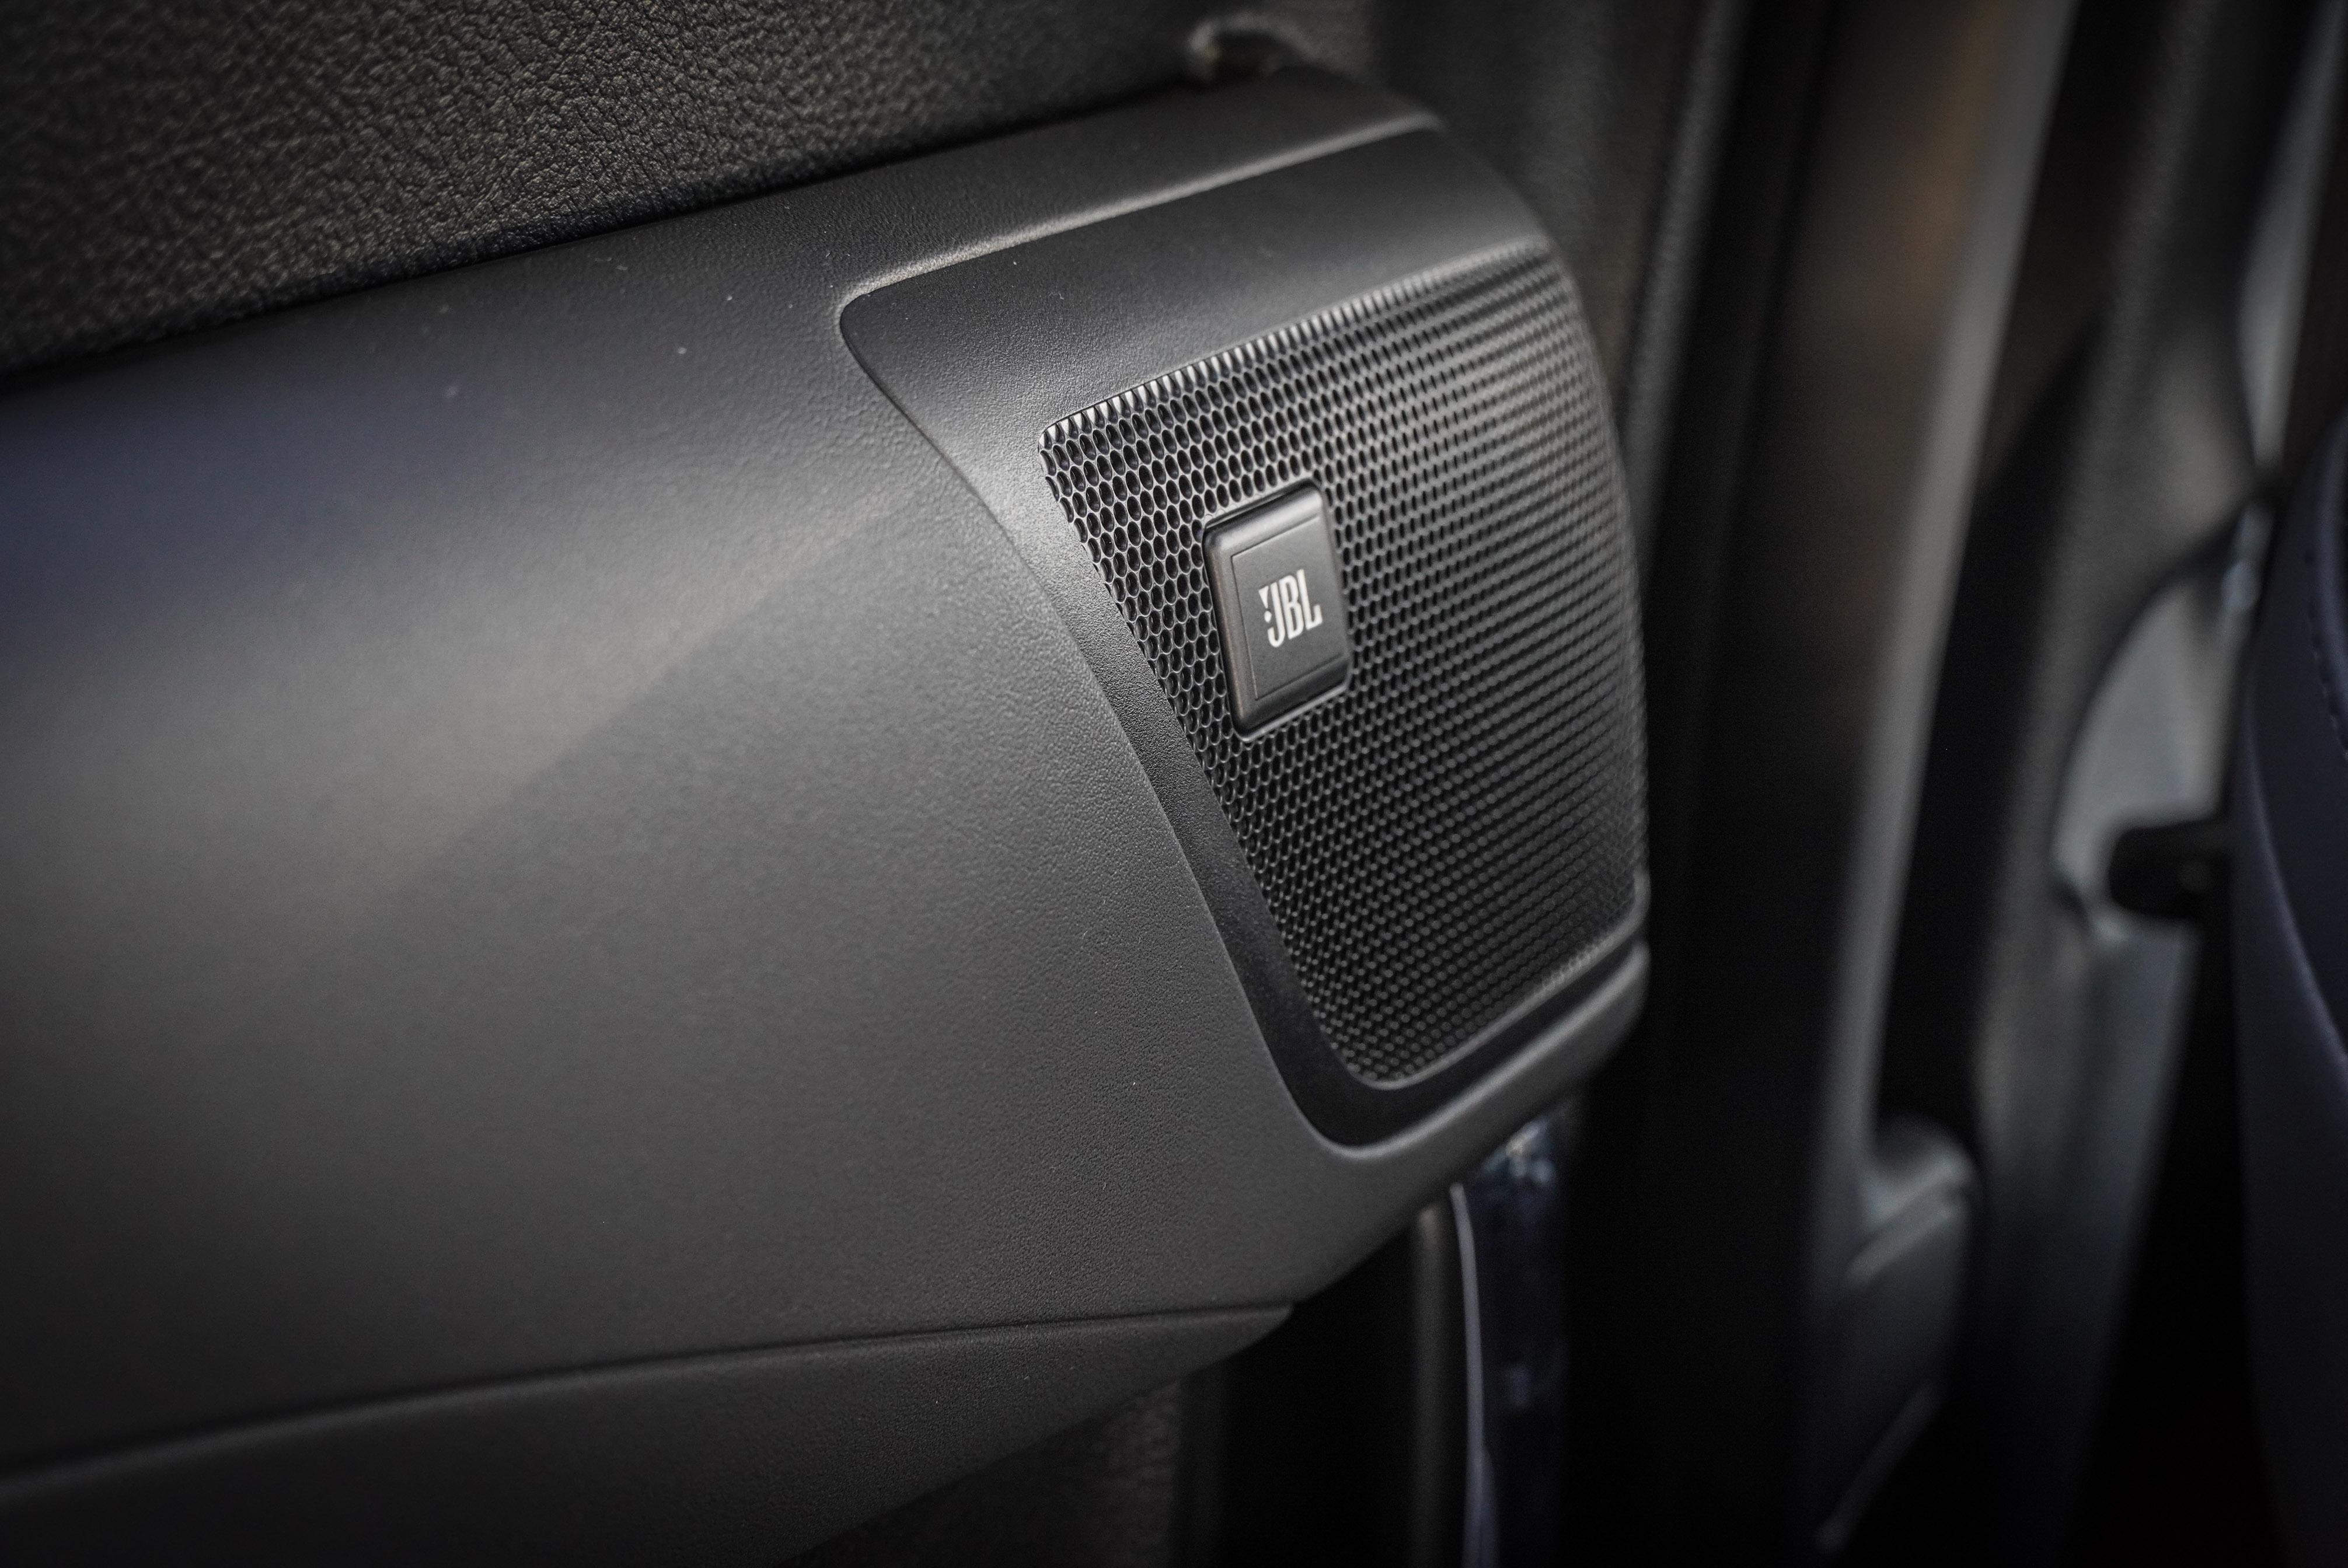 標配 JBL 17支揚聲器立體環繞音效。